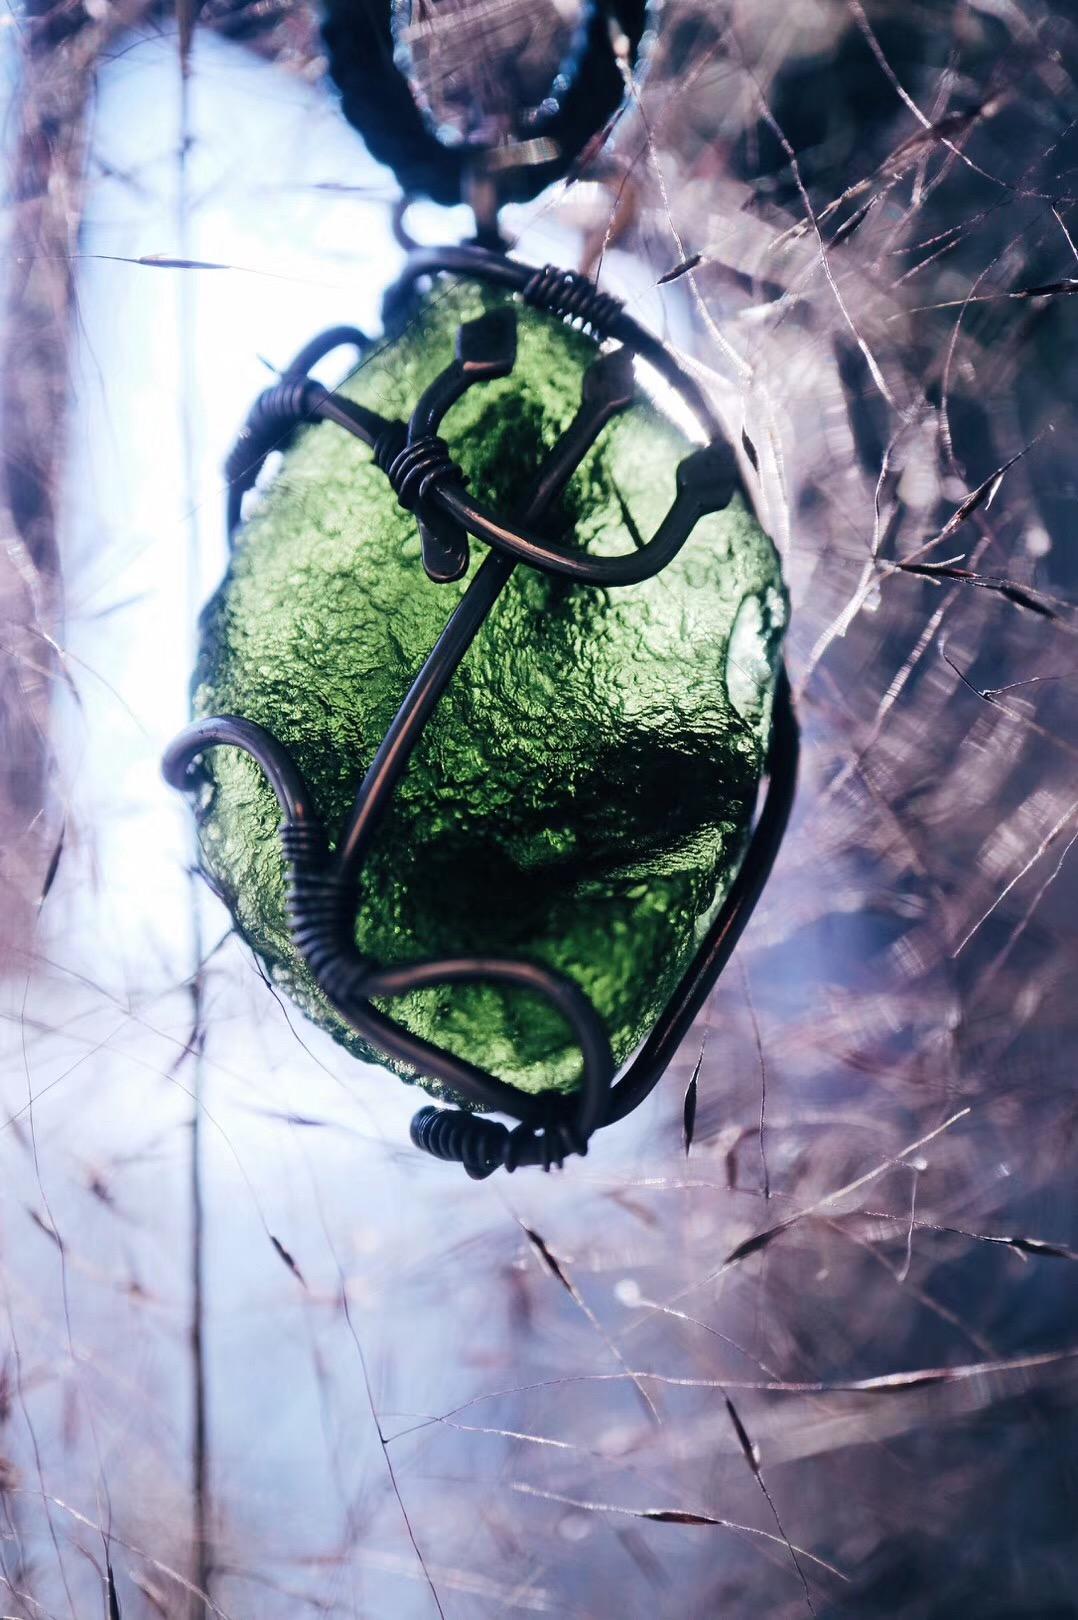 【菩心捷克陨石-美人鱼】奉上捷克陨石-女神版。这三叉戟,可爱的模样深得我心!-菩心晶舍